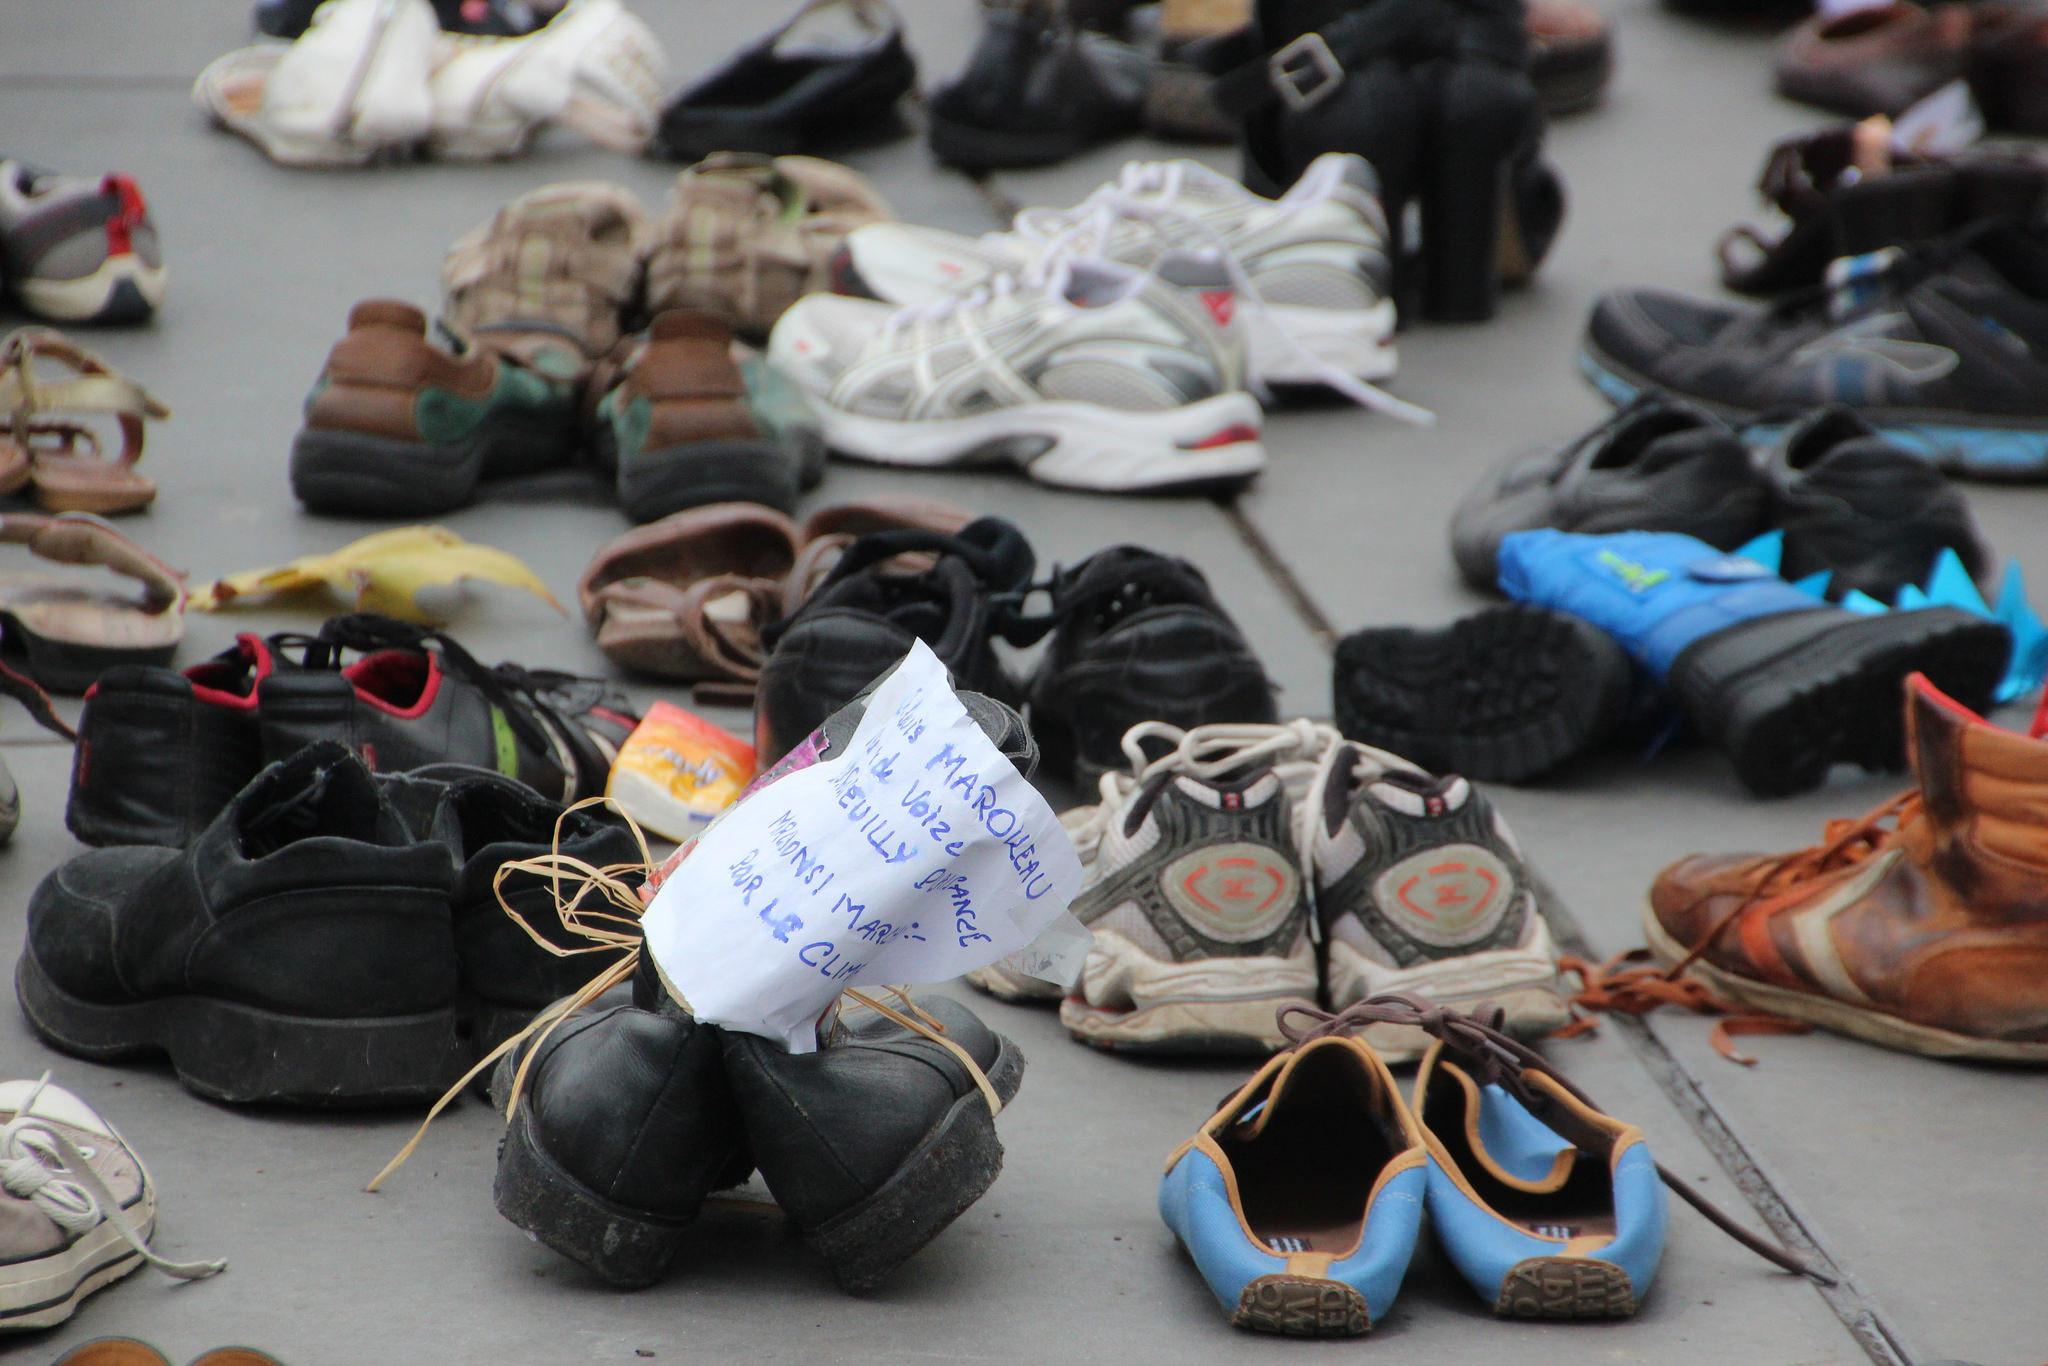 Een in het oog springende actie: voor aanvang van de klimaattop plaatsten demonstranten honderden paren schoenen op de Place de la République. – © Takver / Flickr Creative Commons